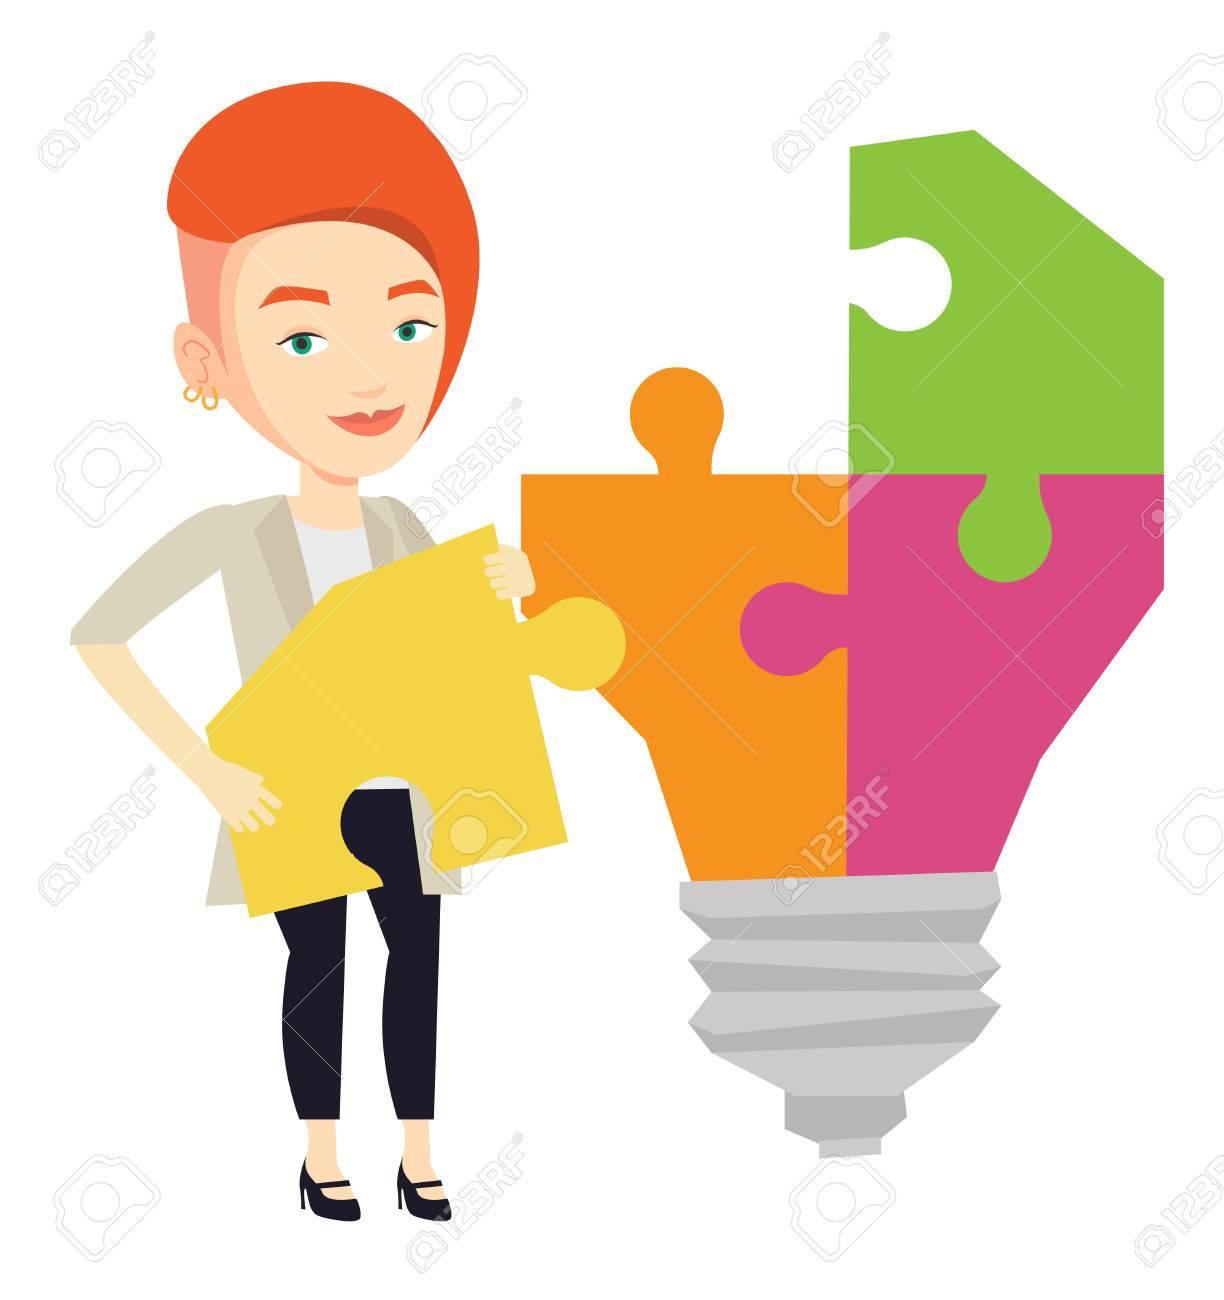 Idee Plat Etudiant.Heureux Etudiant Debout Pres De L Ampoule Idee Etudiante Demonte Idee Ampoule Faite De Puzzle Etudiant Souriant Ayant Une Bonne Idee Illustration